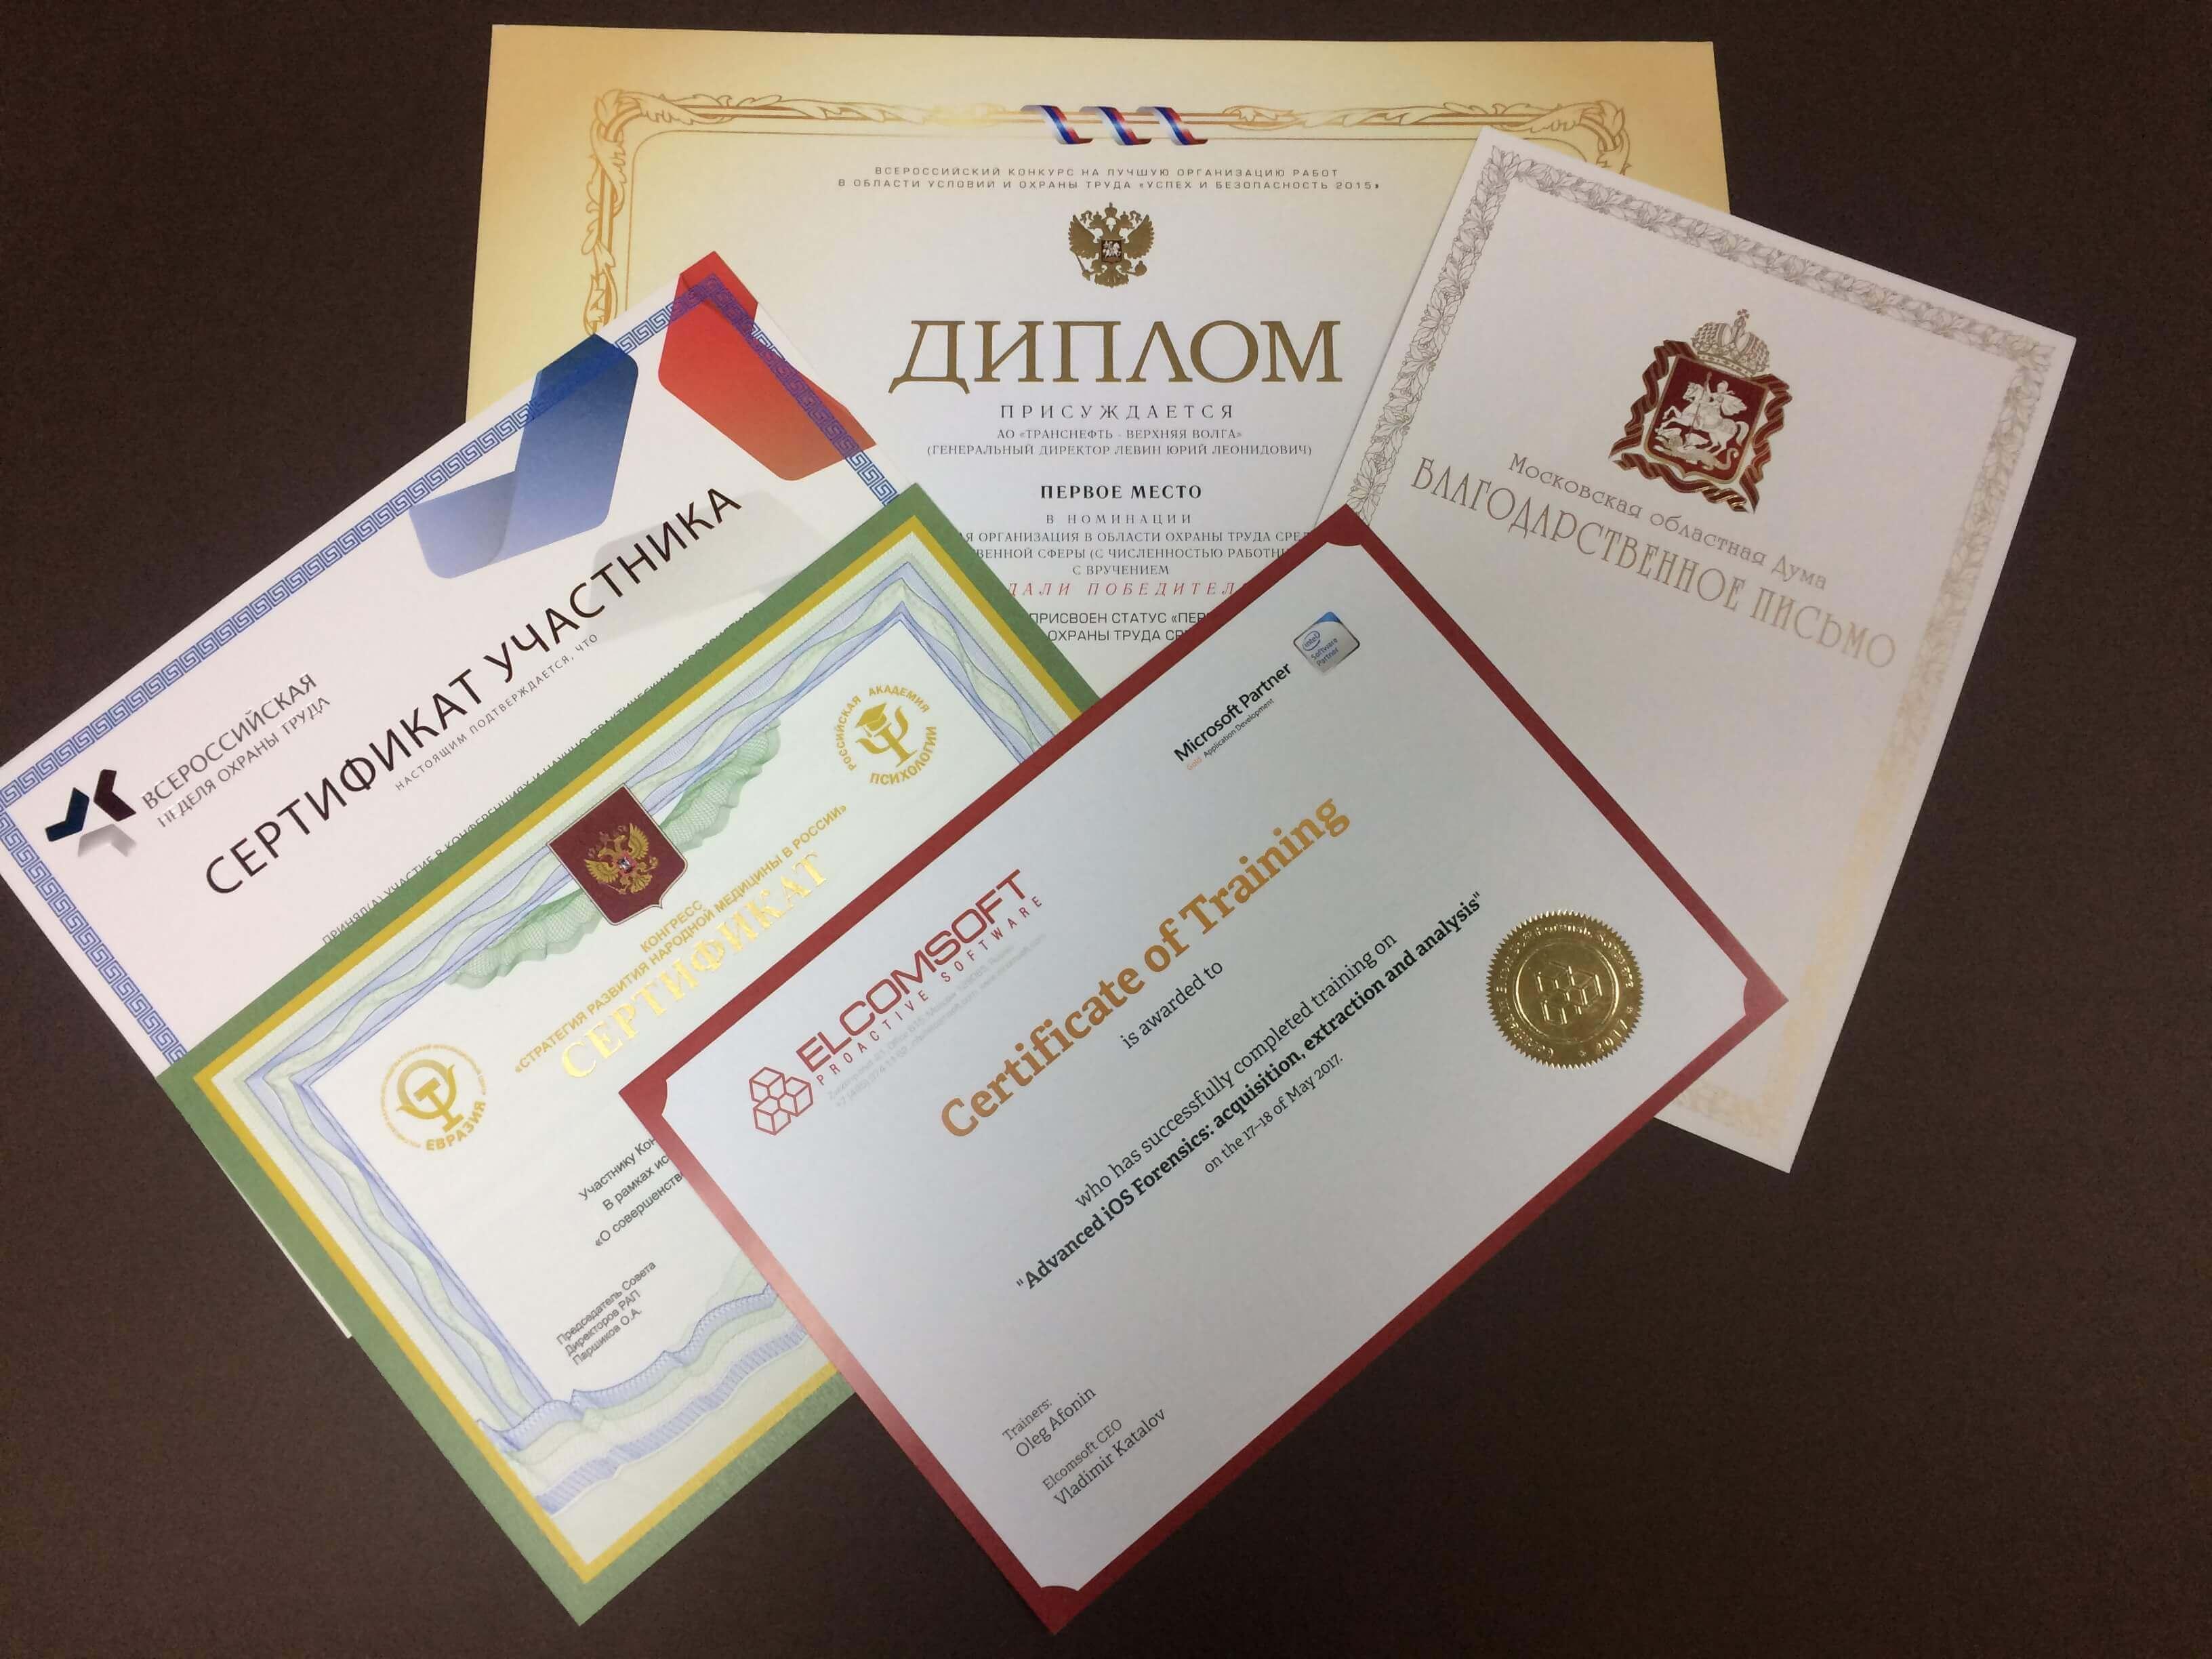 дипломы сертификаты картинки преподаватели